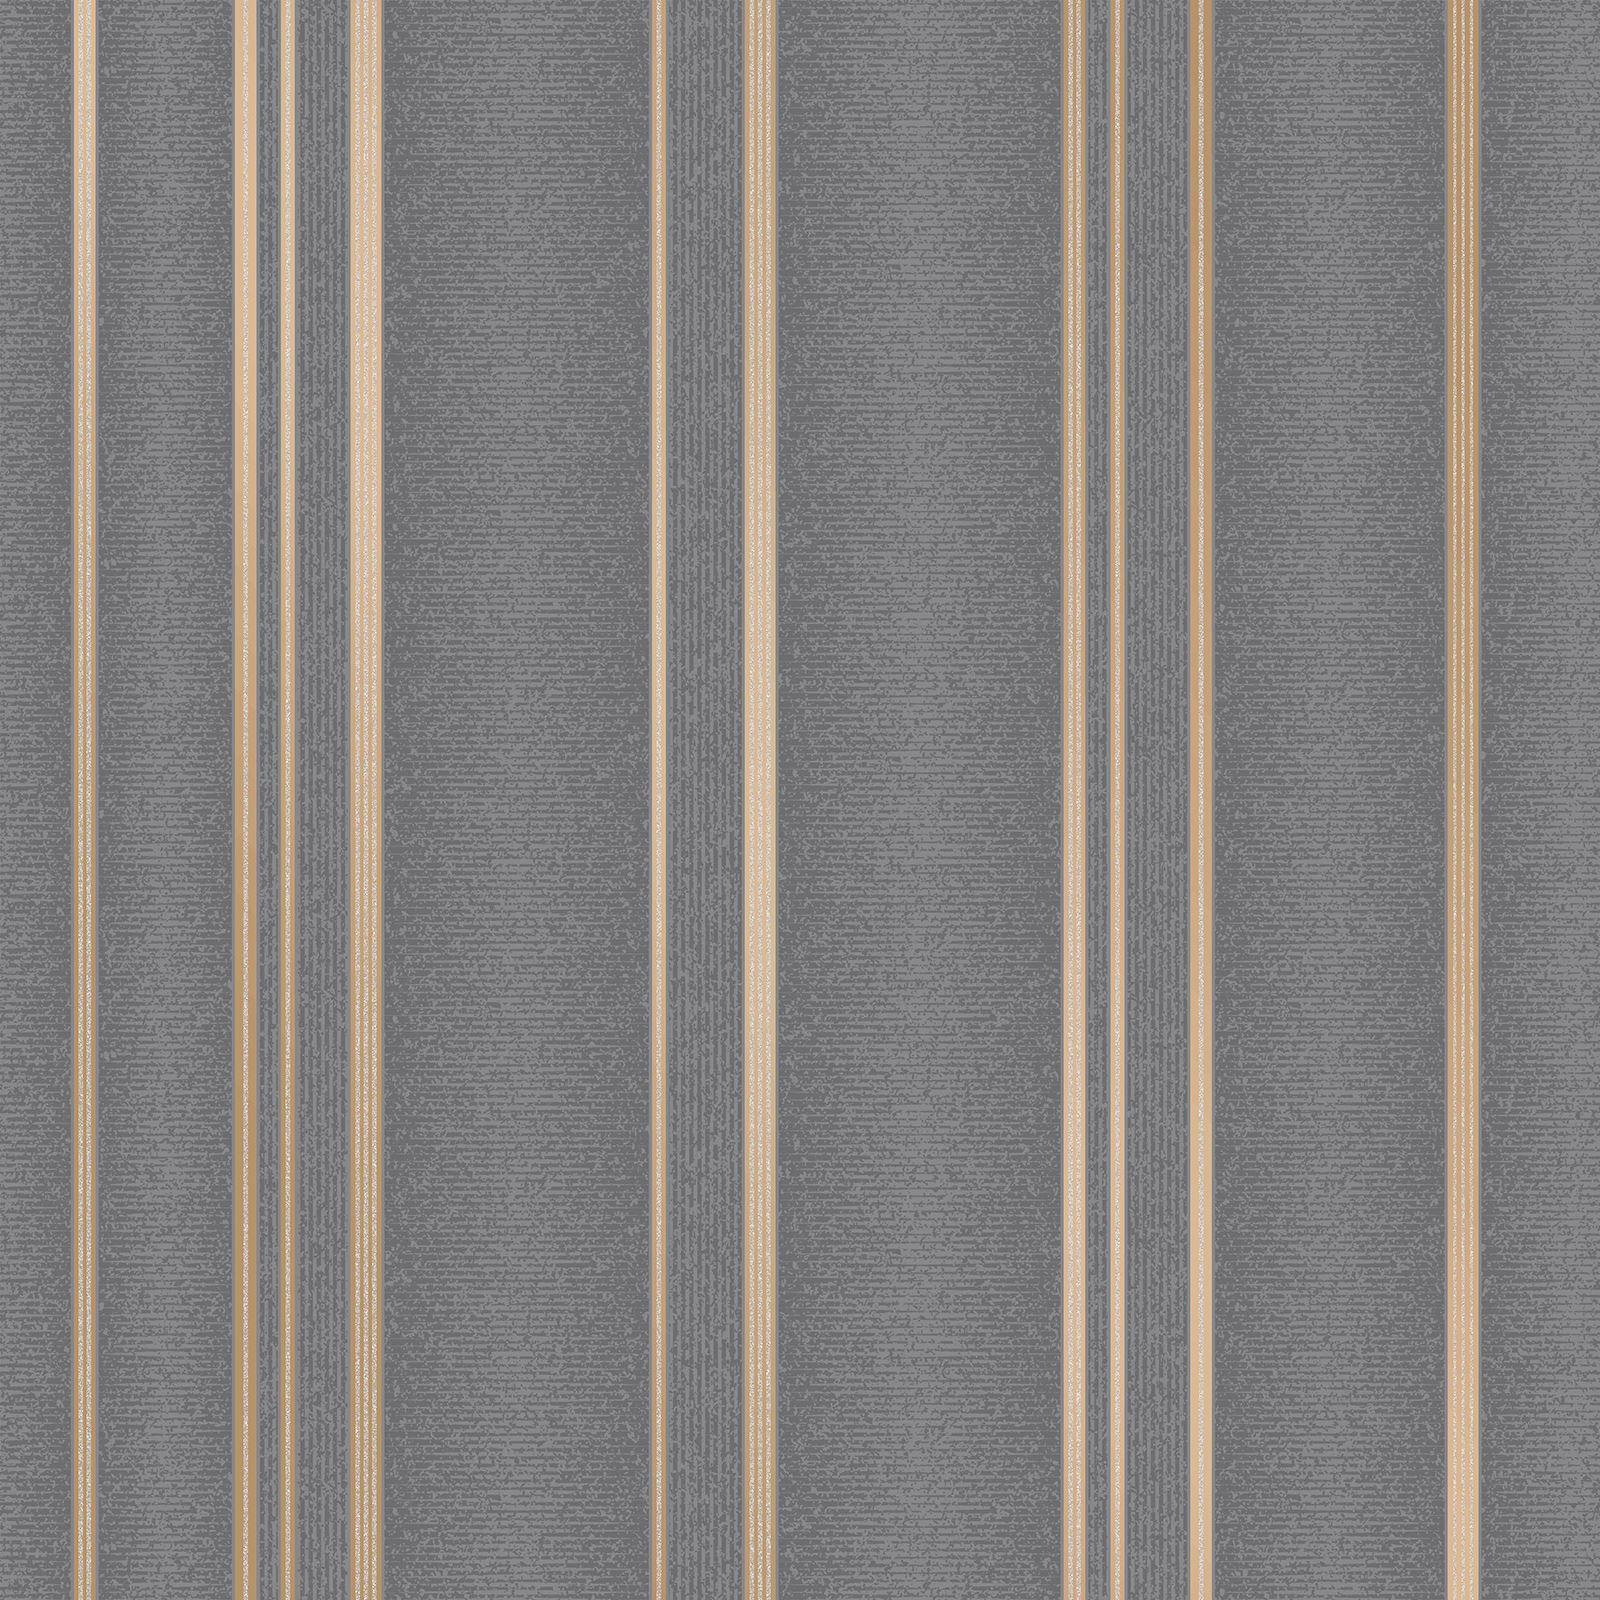 FINE DECOR FD42350 GLITTER PULSE STAR GEO WALLPAPER CHARCOAL COPPPER